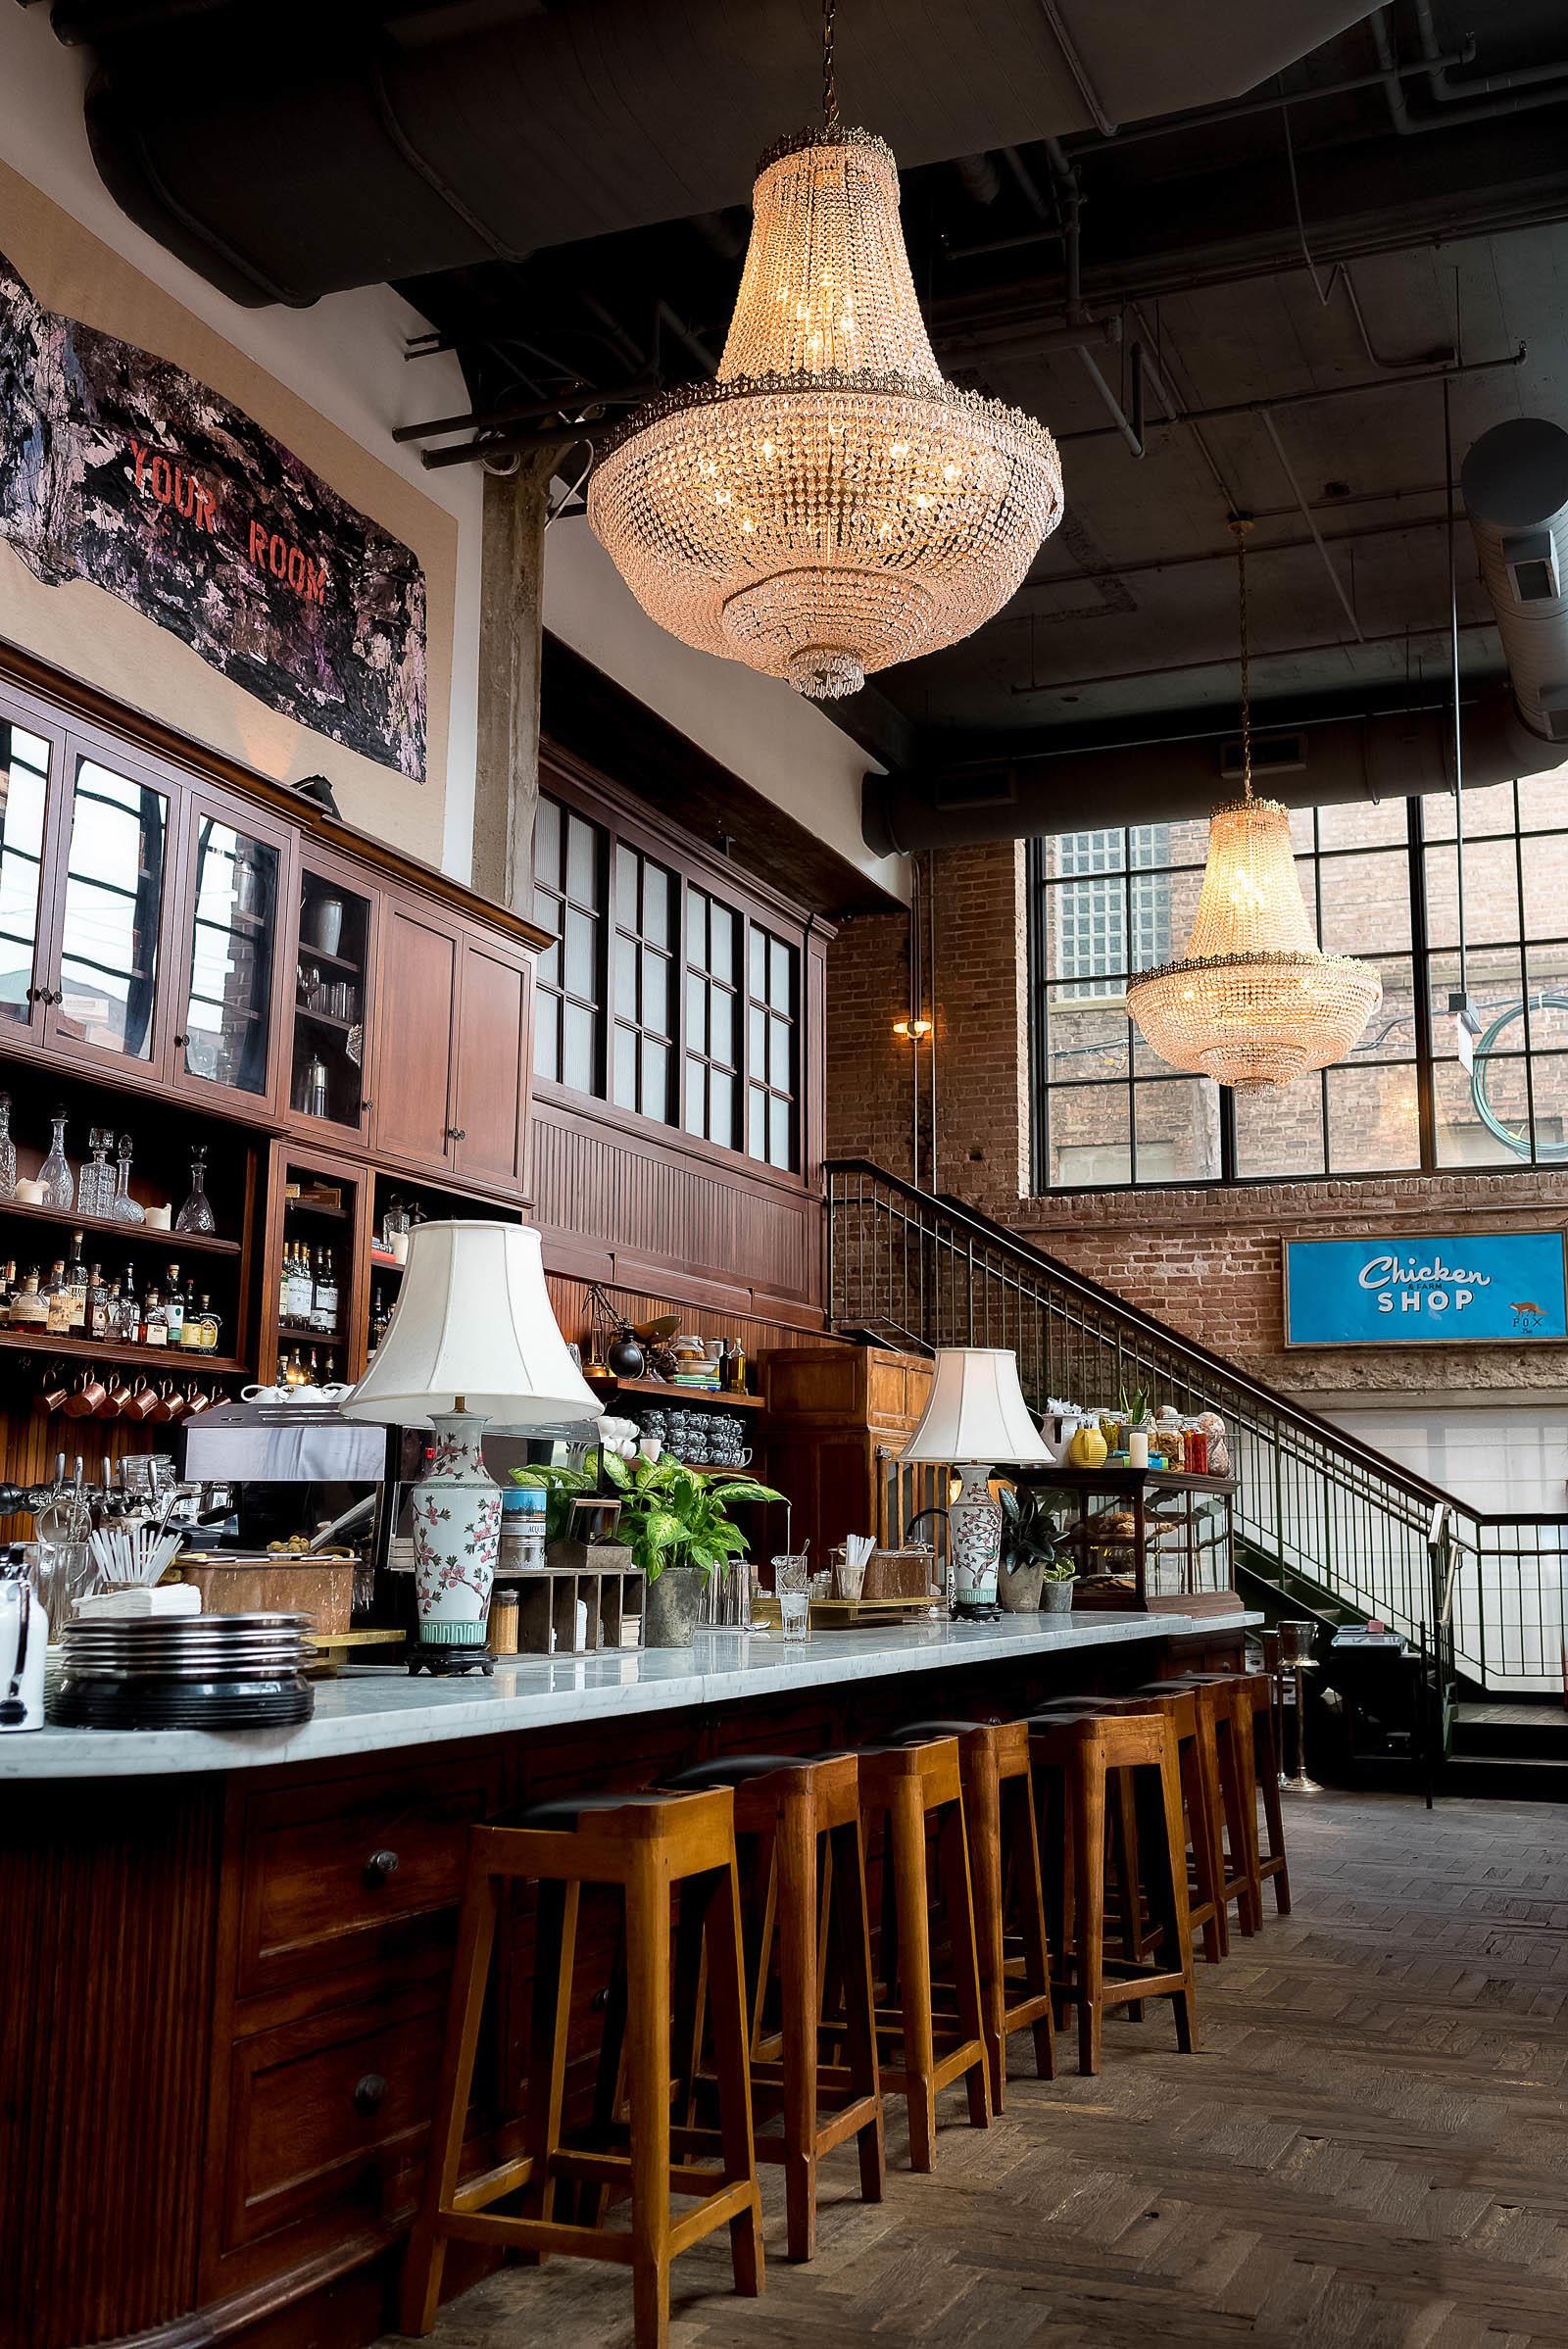 The Allis Breakfast Soho House Chicago